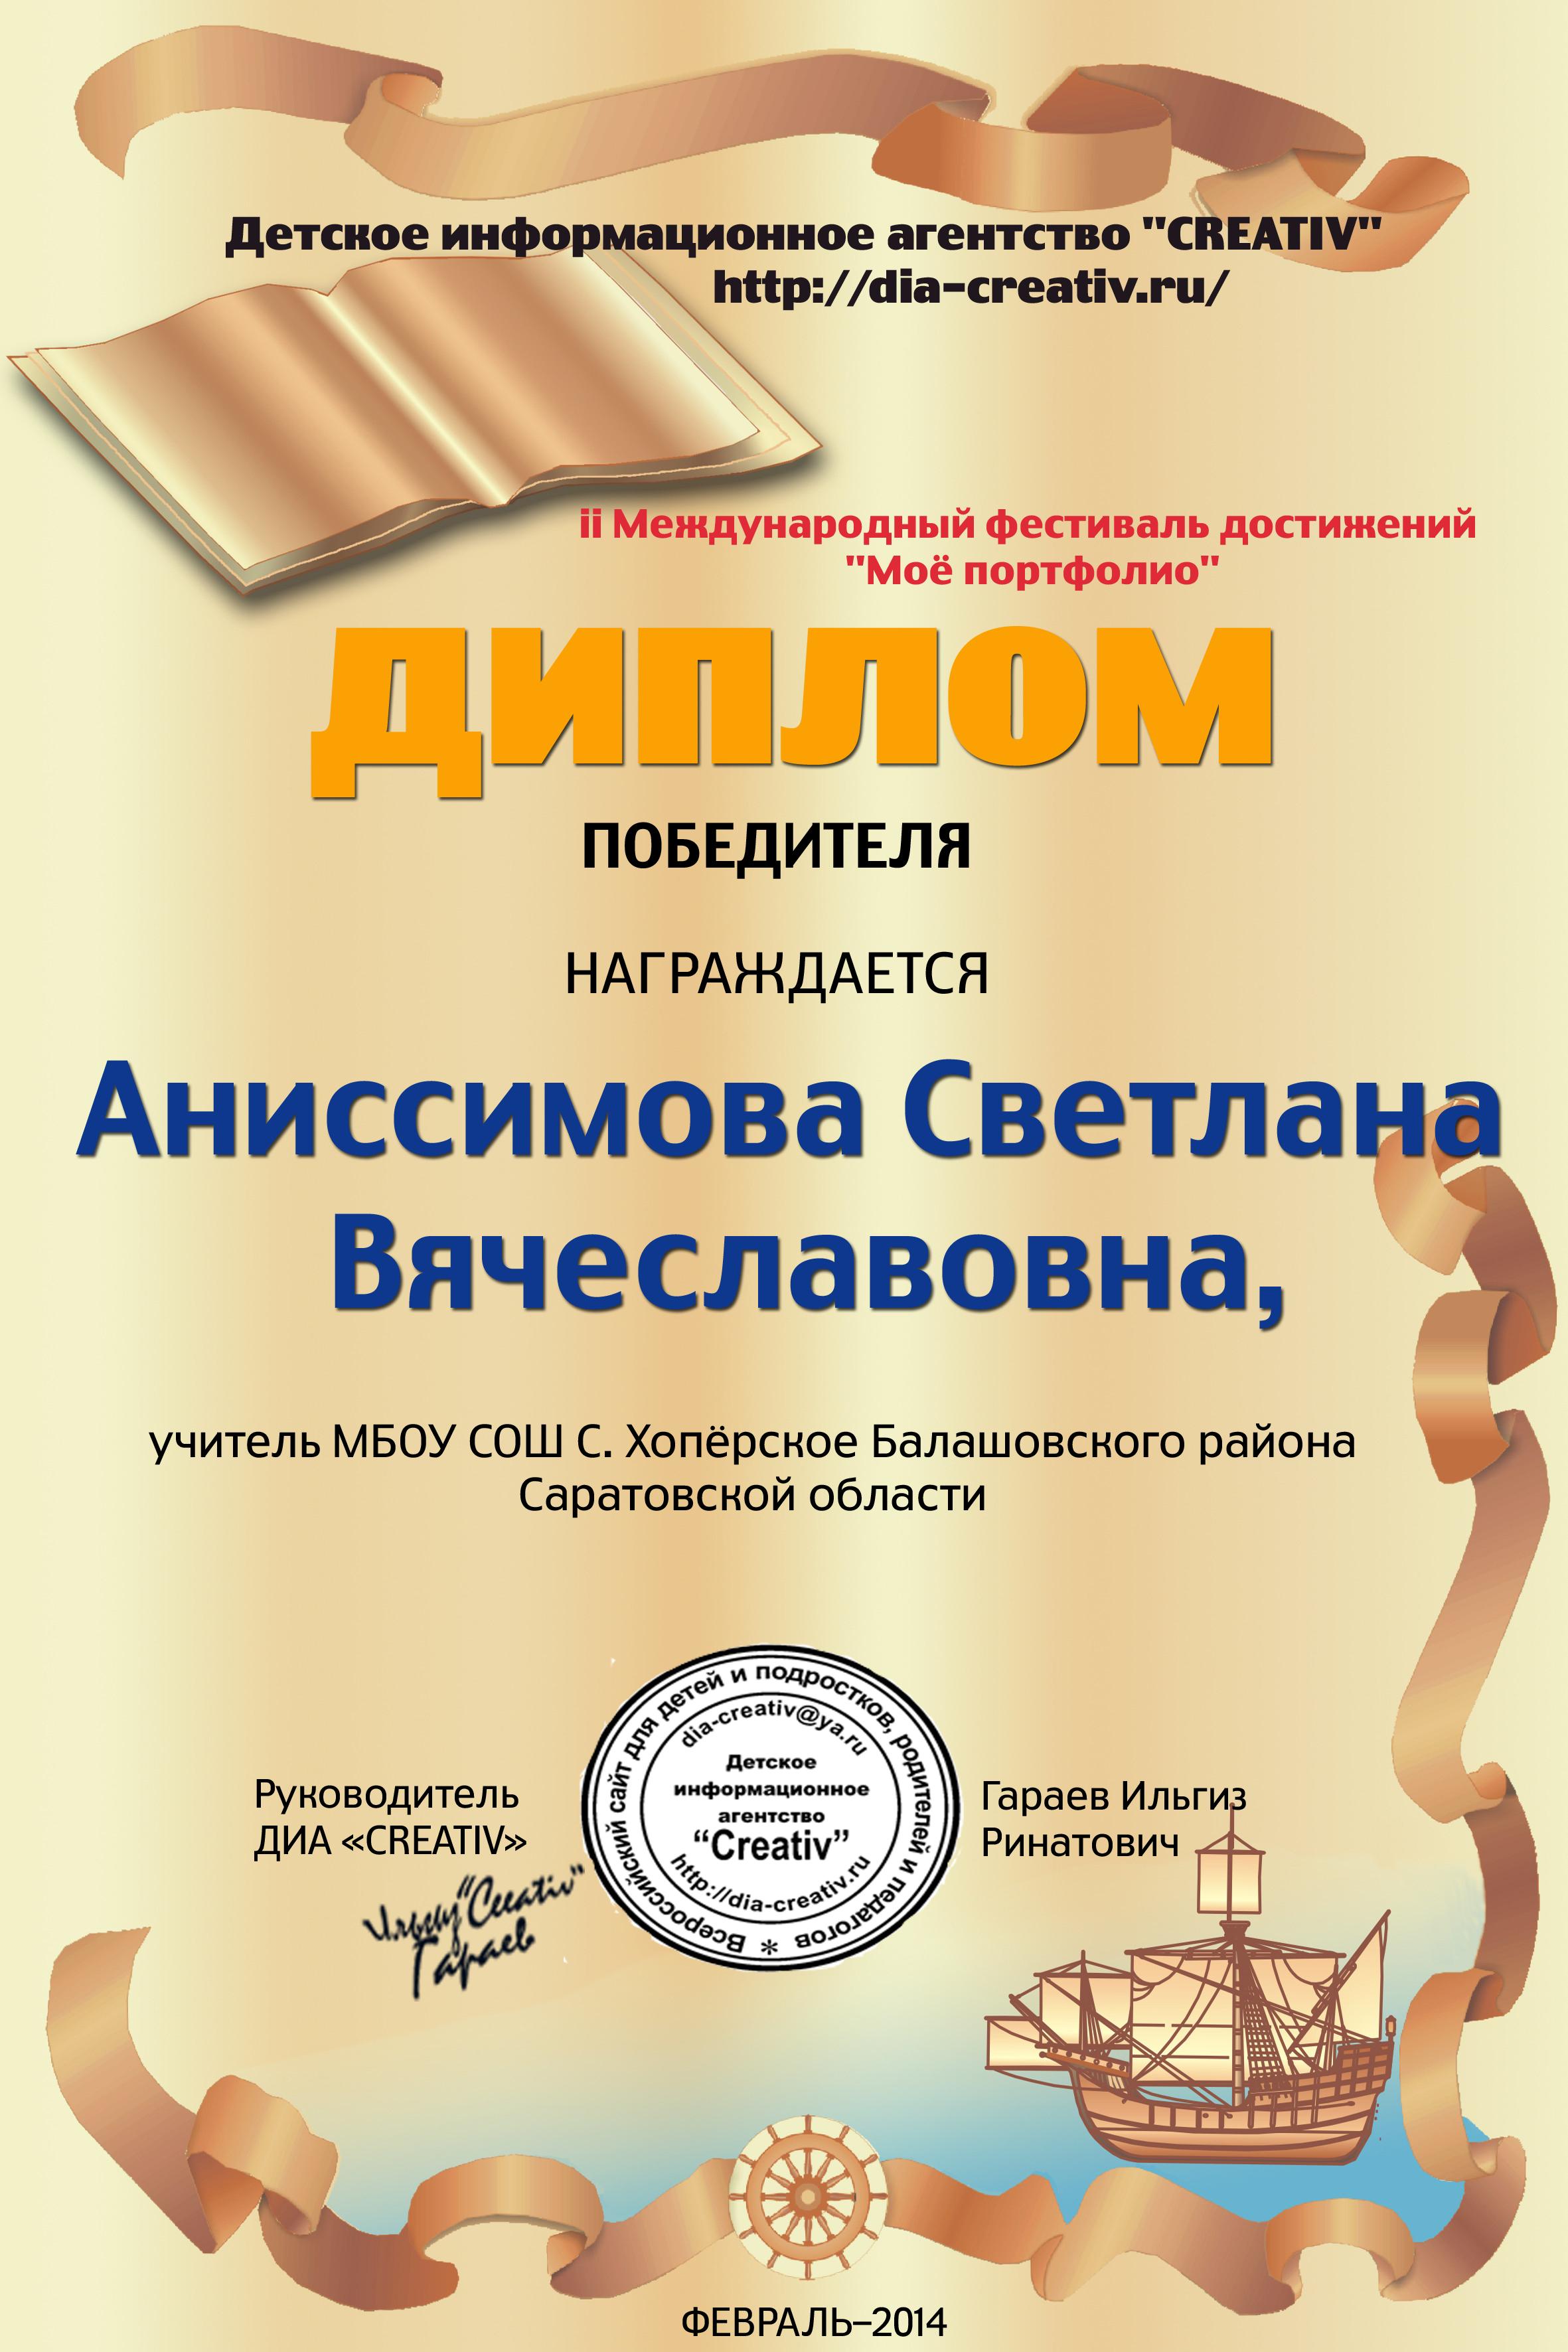 Портфолио победителей и участников конкурса